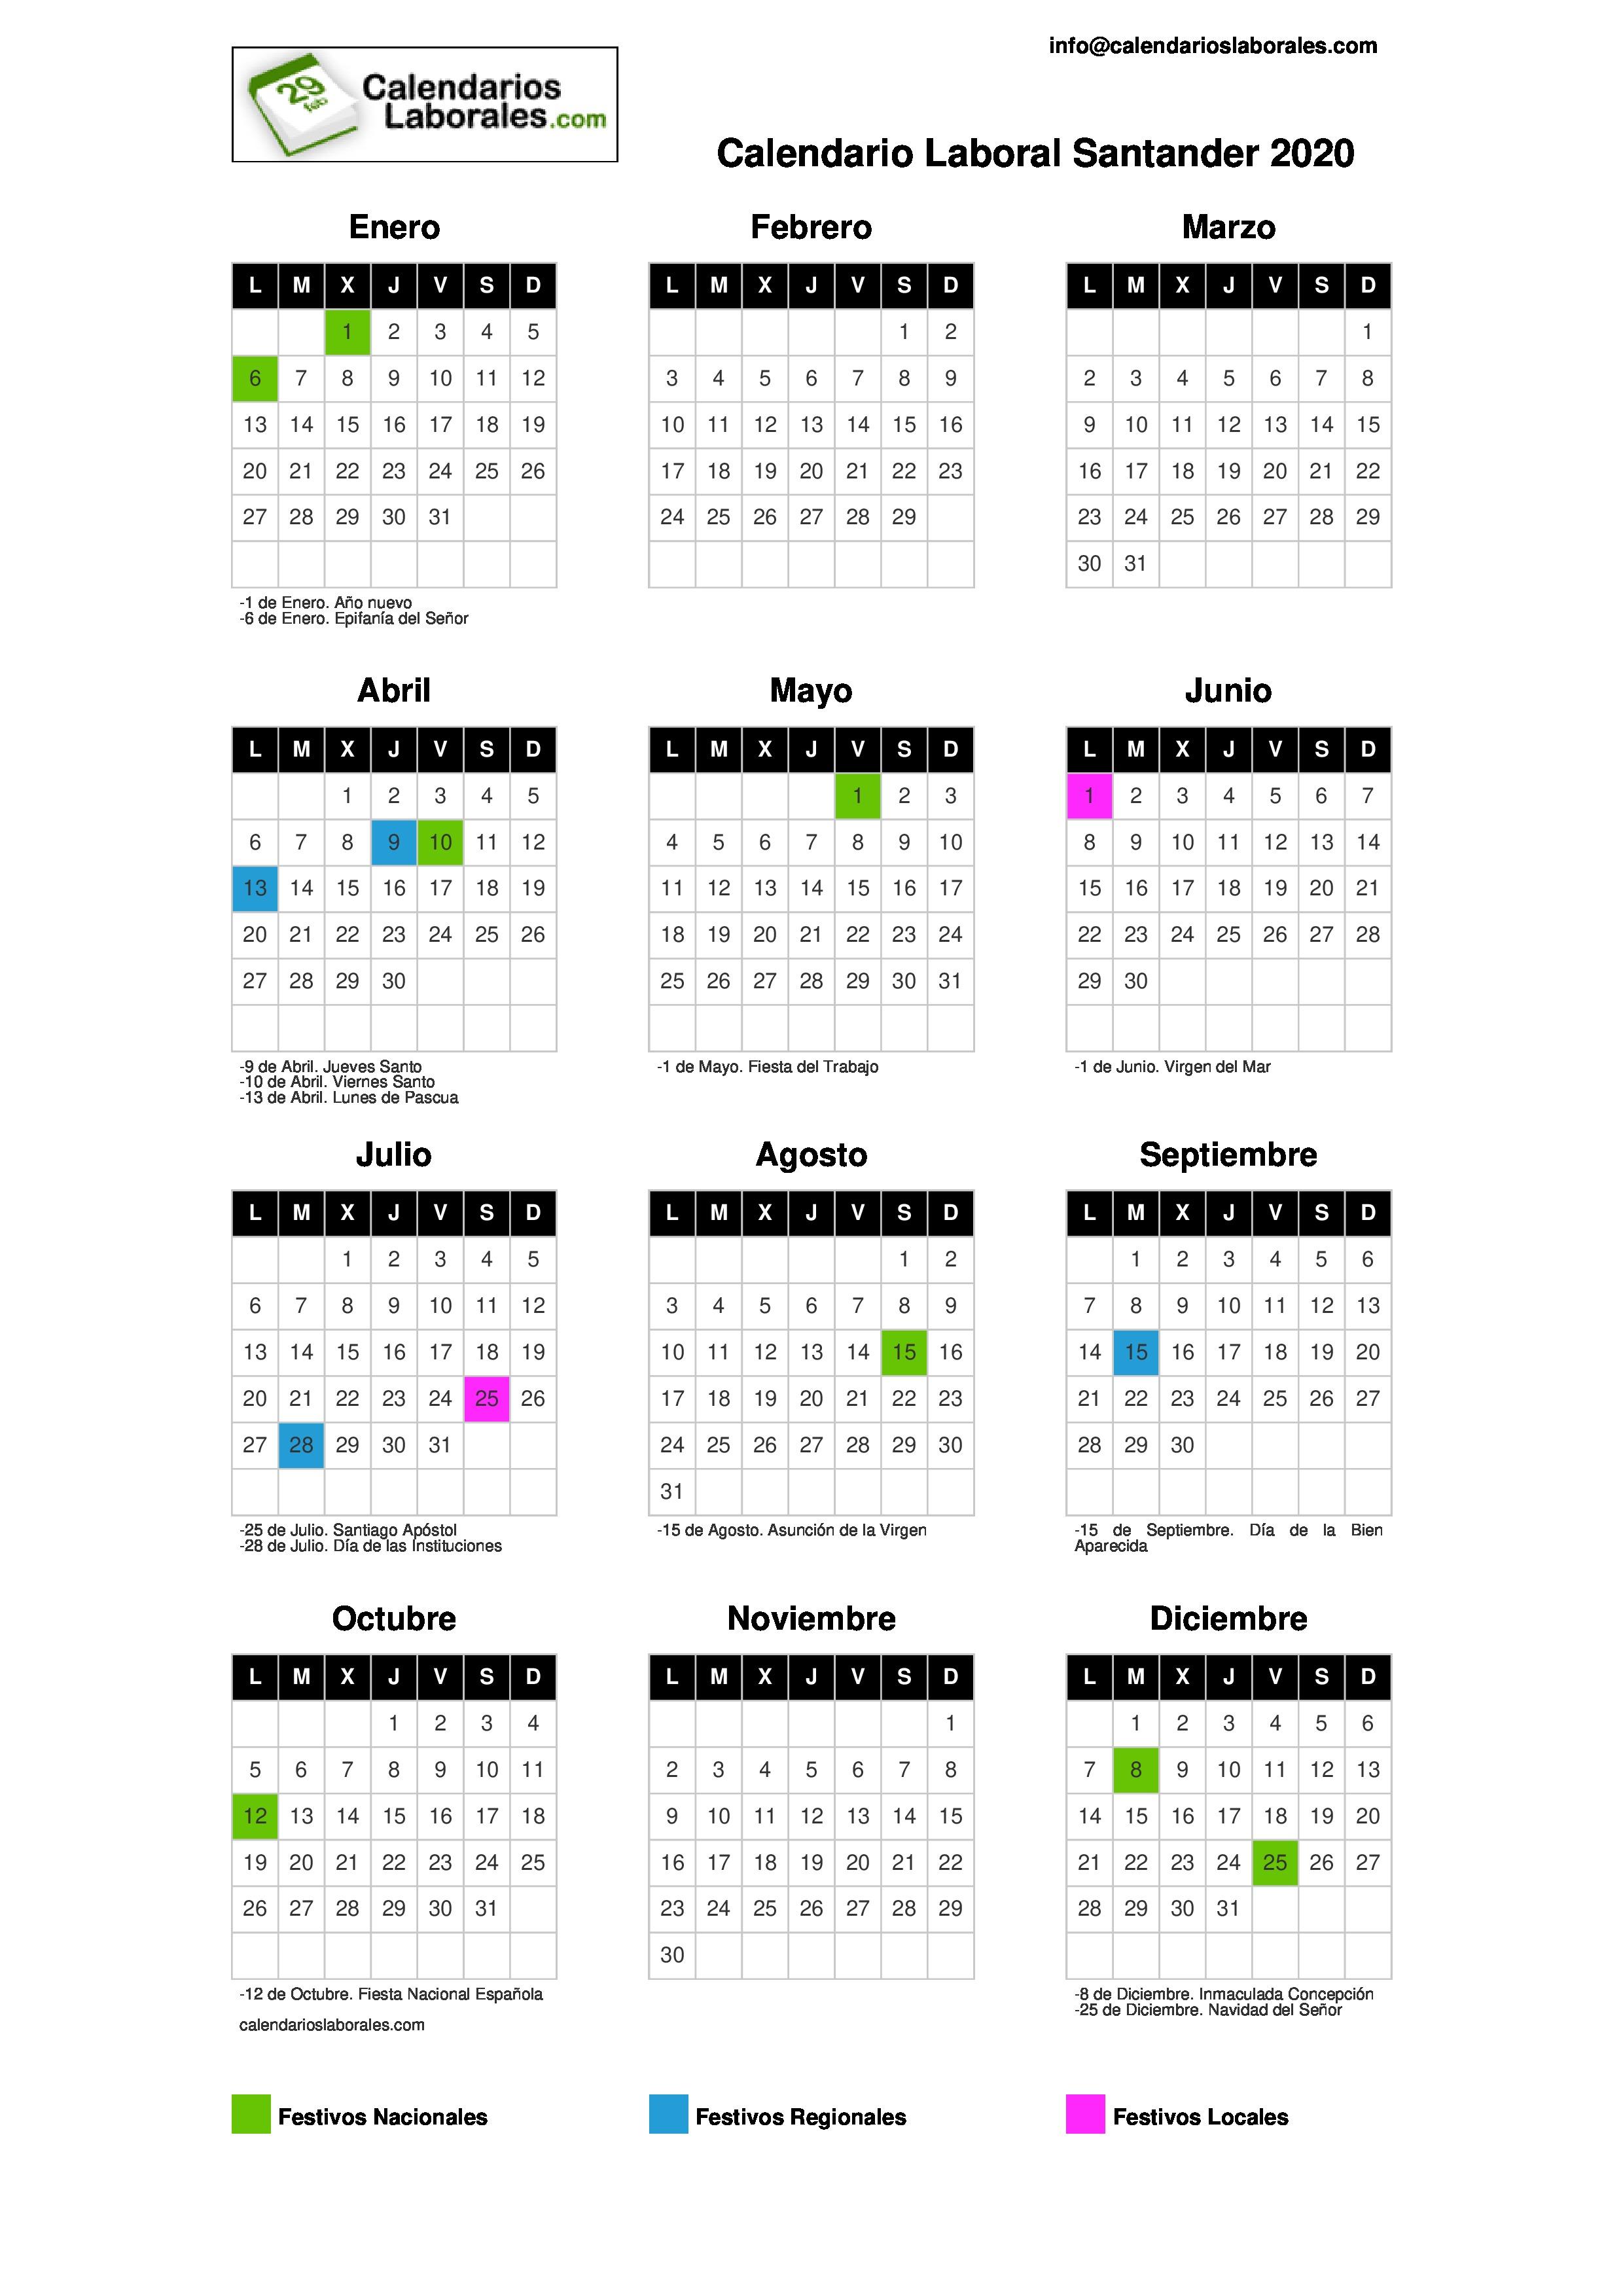 Calendario Laboral Santander 2020.Calendario Laboral Santander 2020